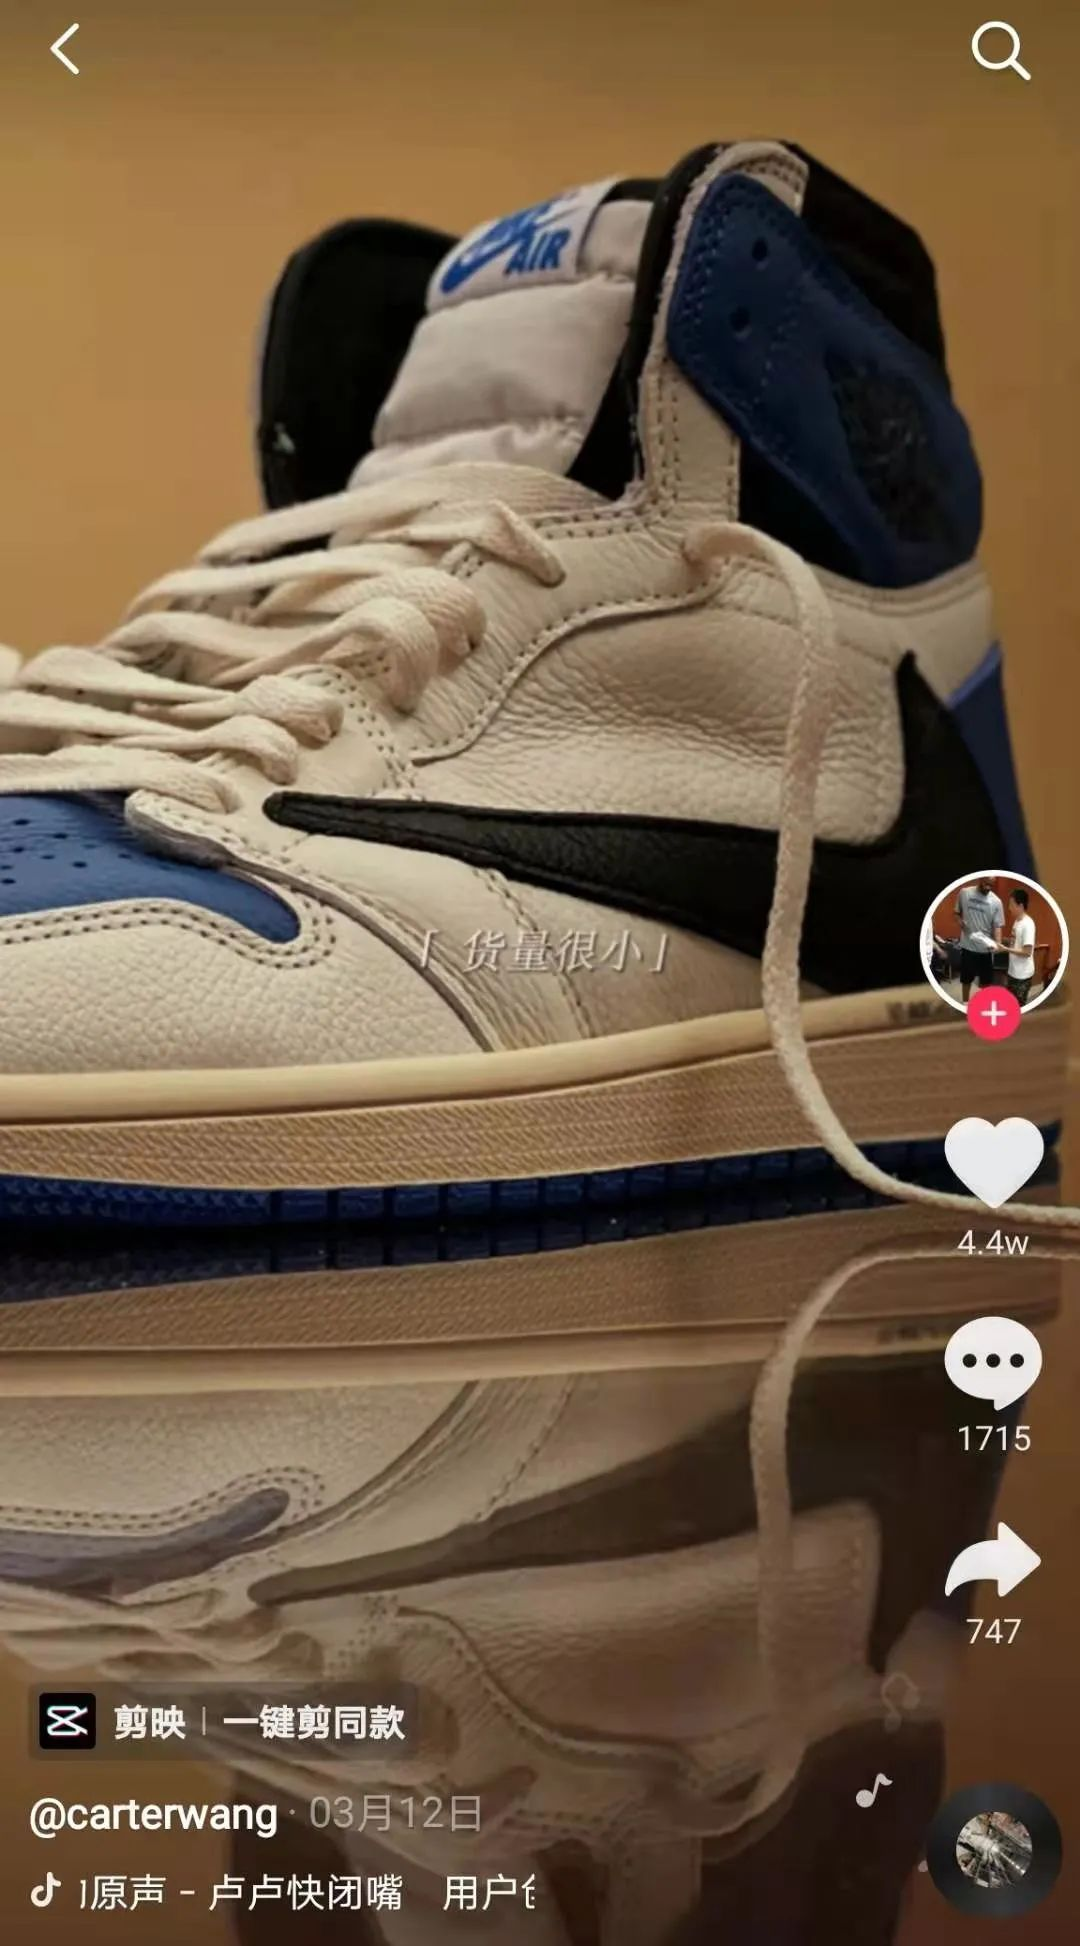 Nike工厂曝光, AJ1闪电倒钩流出10双被莆田鞋厂买走! 千万别碰!